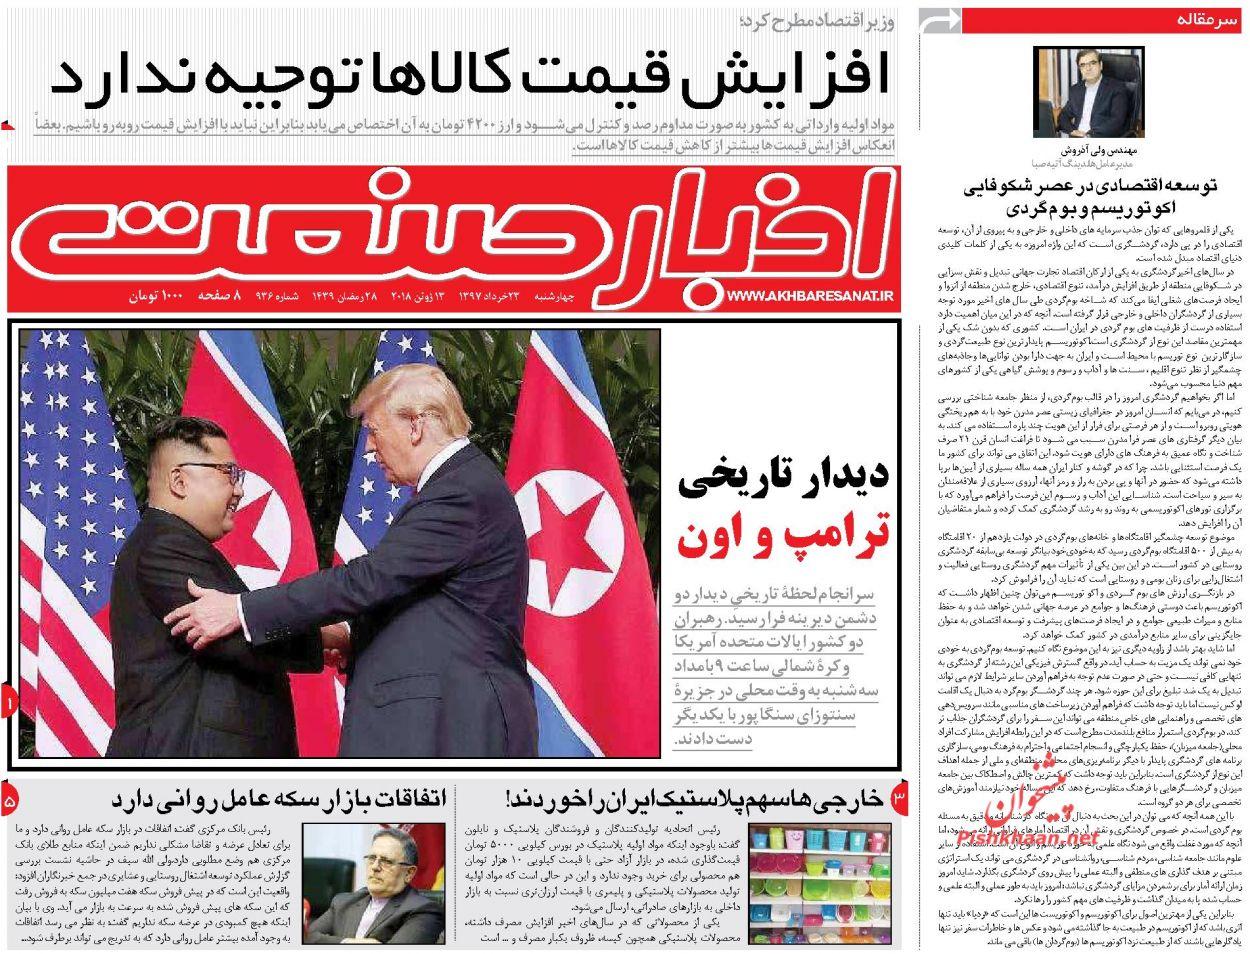 صفحه نخست روزنامه های اقتصادی 23 خردادماه  گرانیهای سرسام آور مردم را شوکه کرده است/ پیشخوان 8152141 940